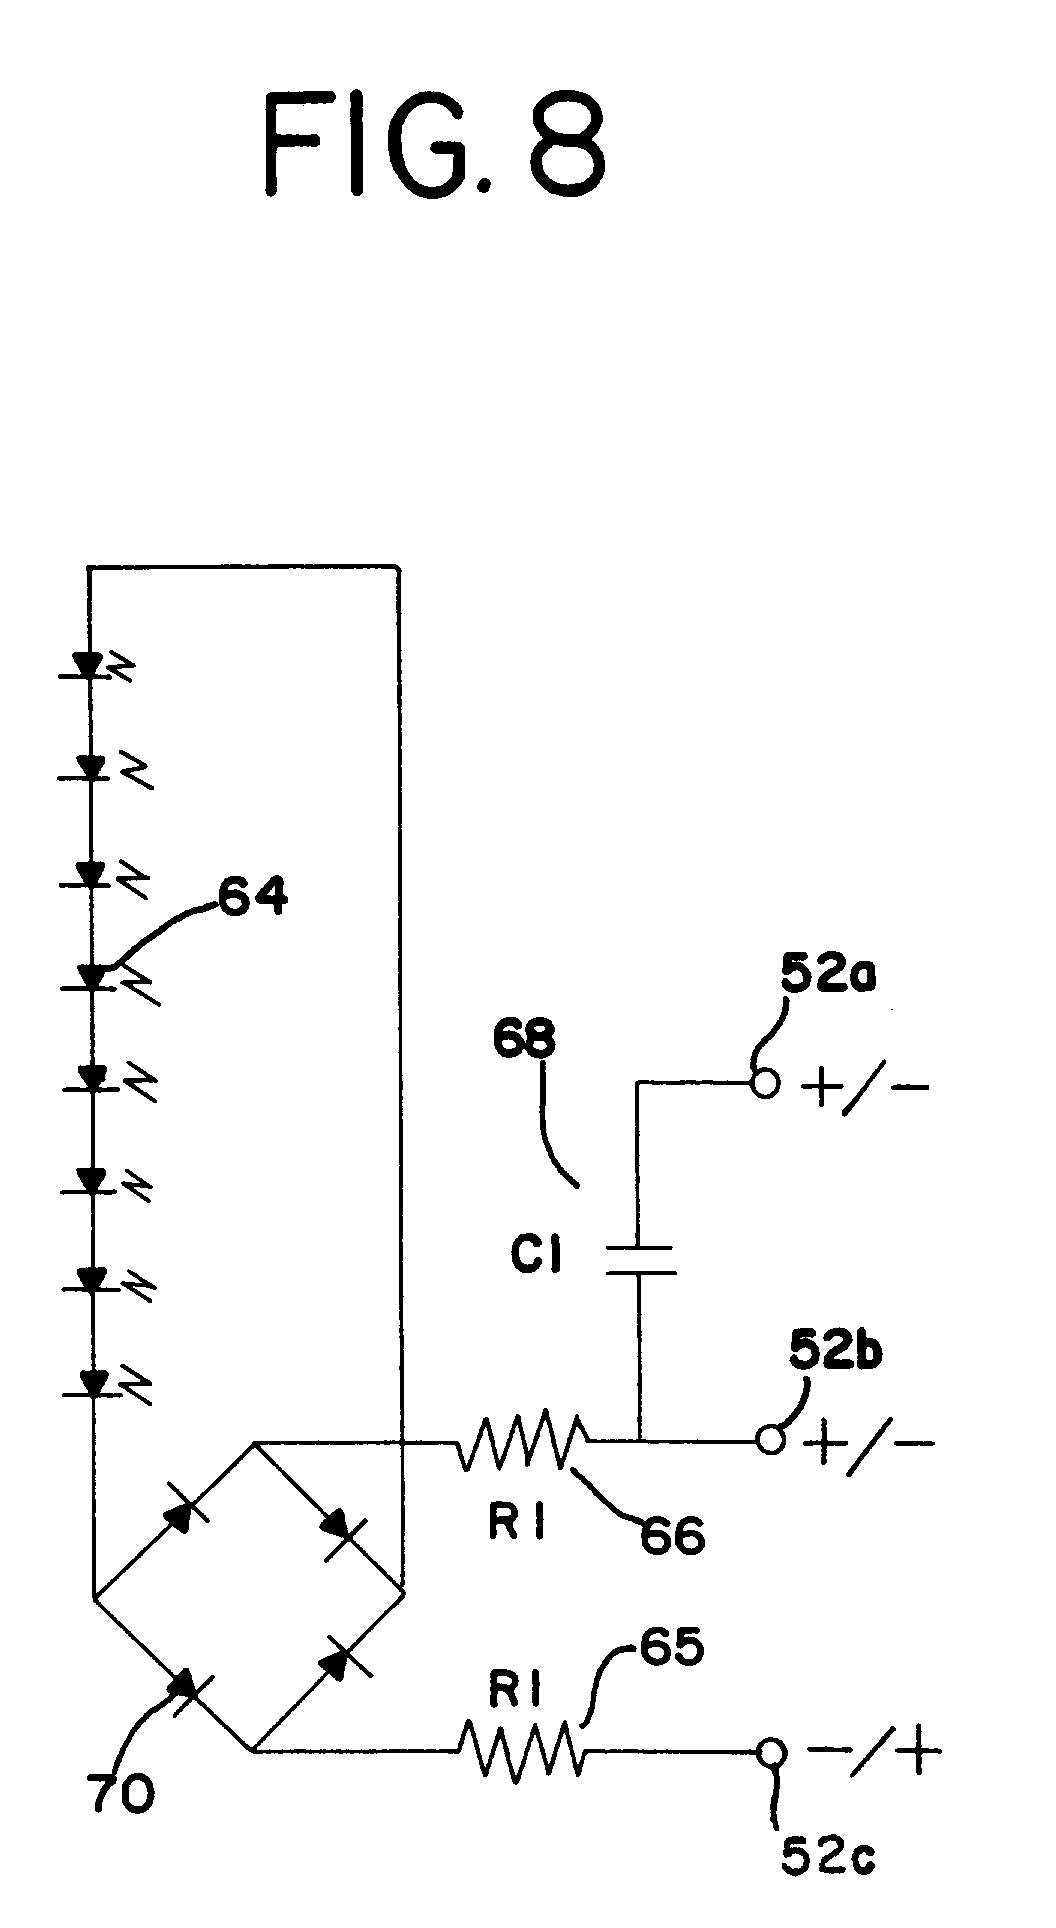 Magneti Marelli Communication Wiring Diagram : 44 Wiring